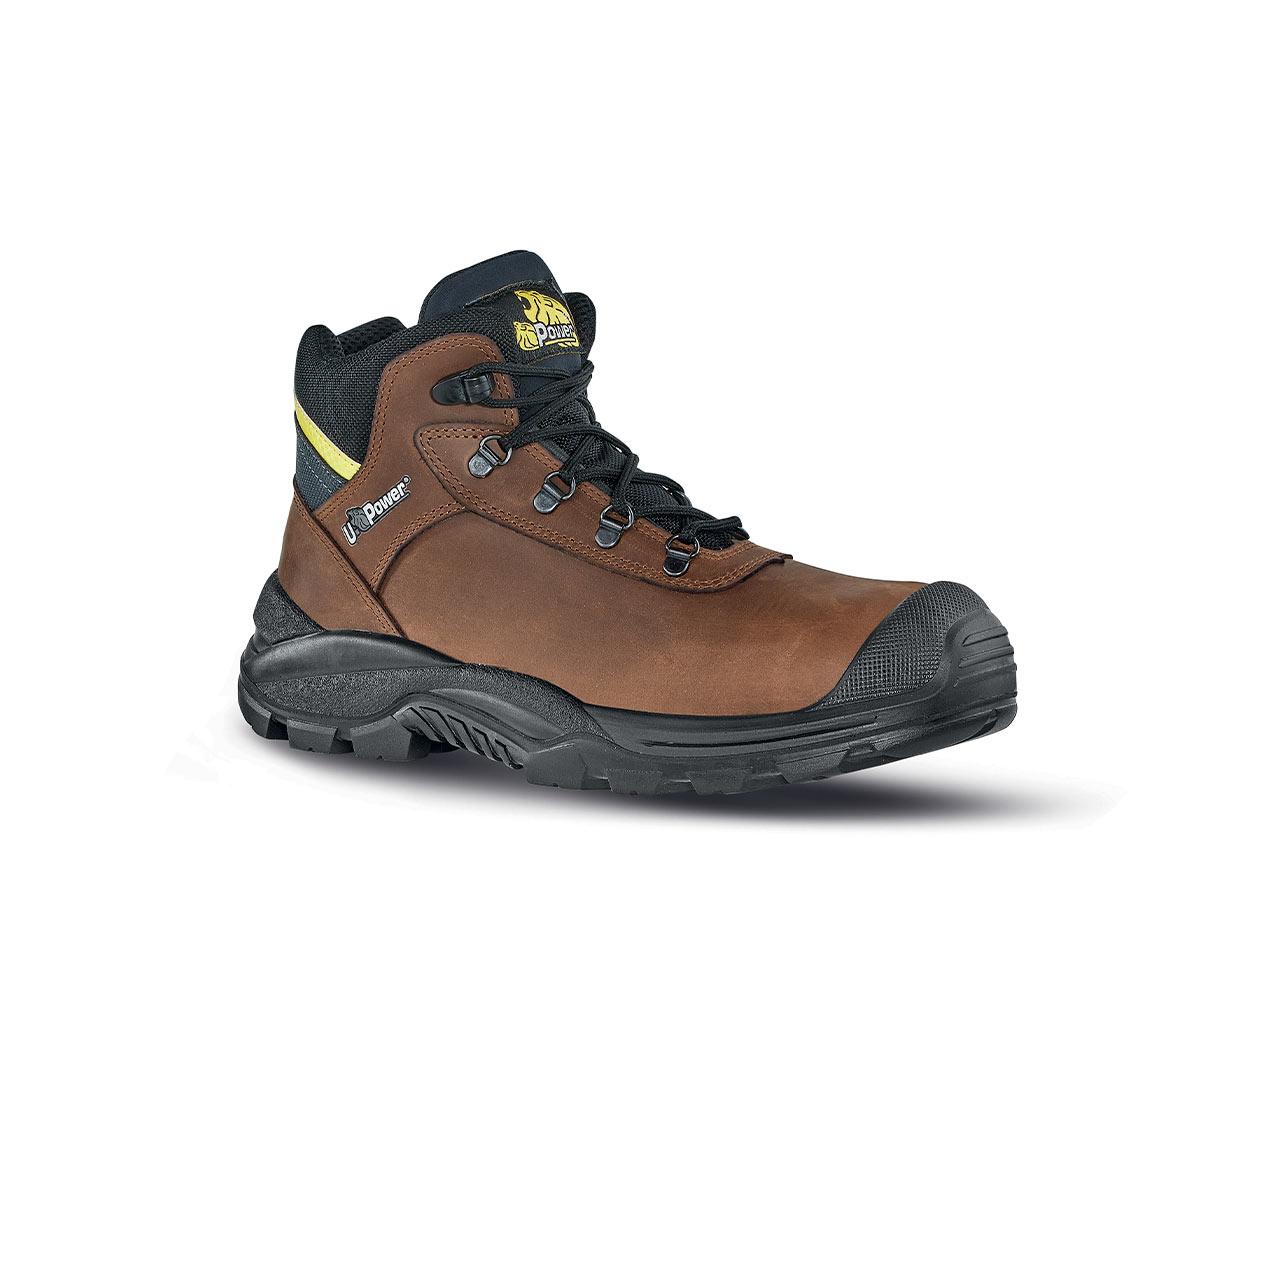 scarpa antinfortunistica upower modello latitude linea stepone vista laterale